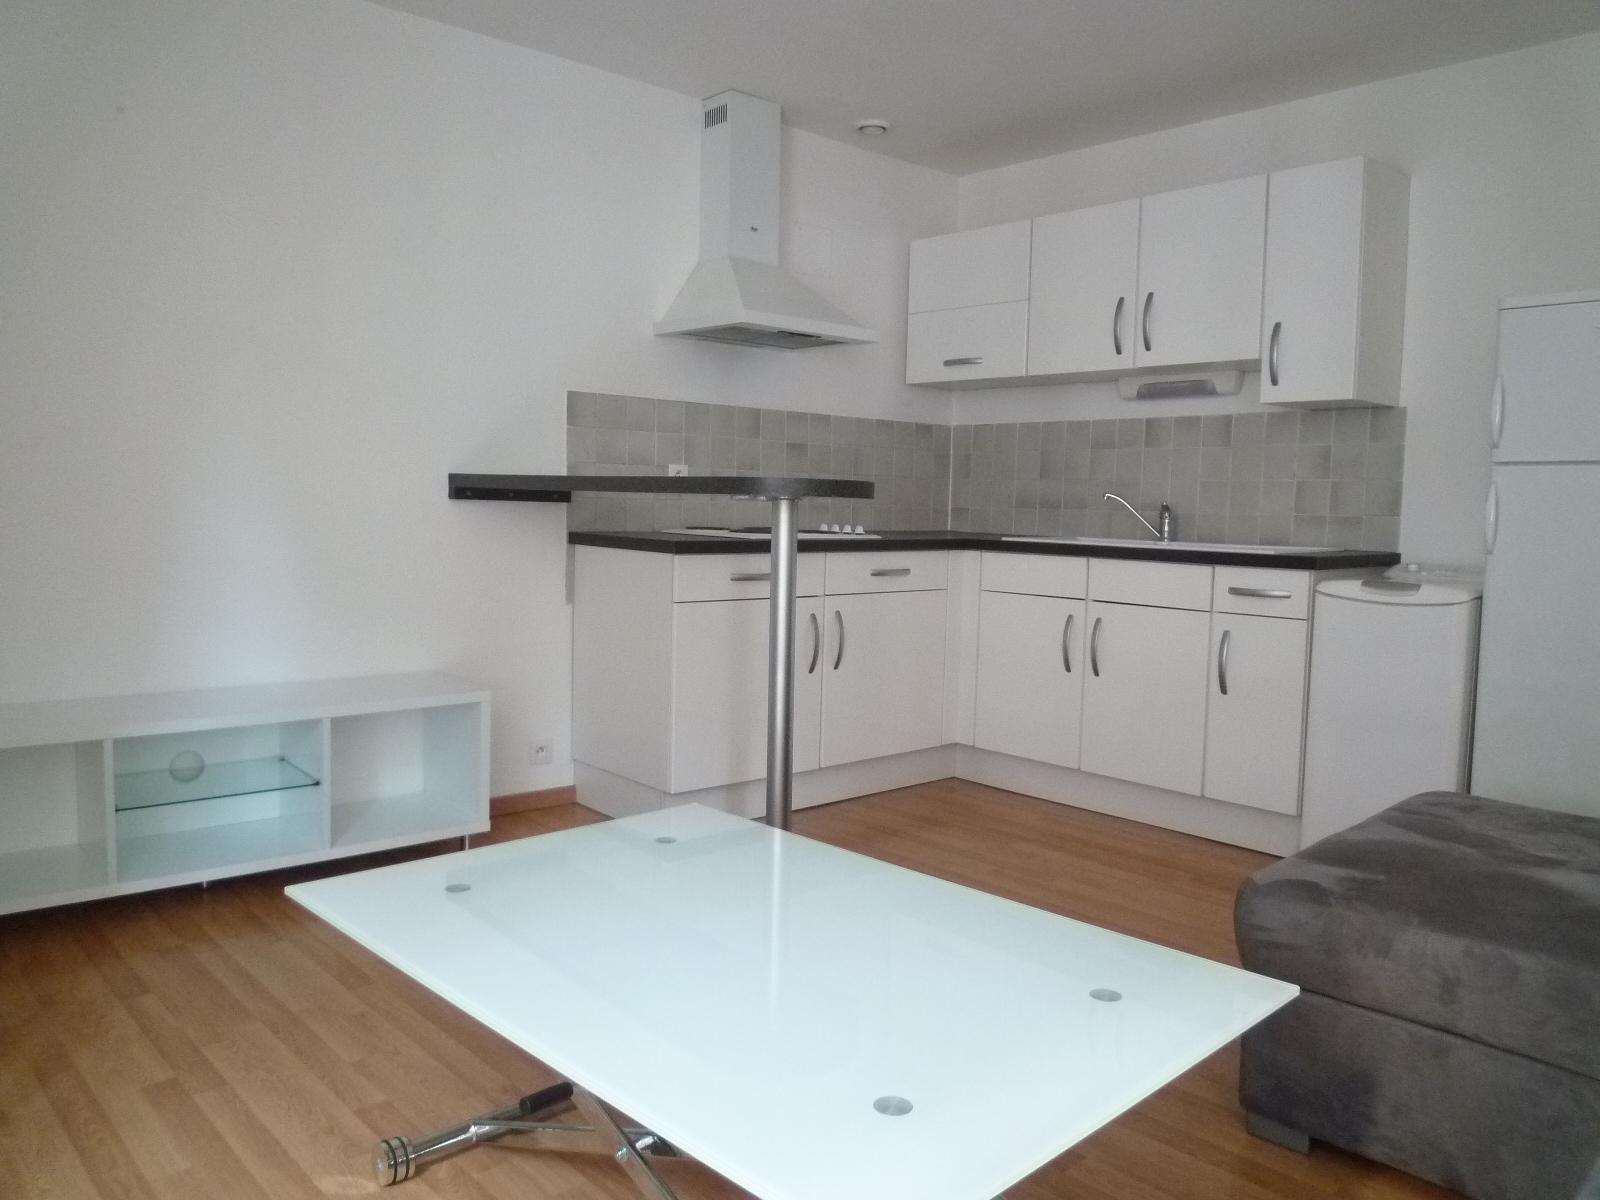 [Canon] 2 pièces meublé - Krutenau / rue d'Austerlitz - nos locations - Beausite Immobilier 2